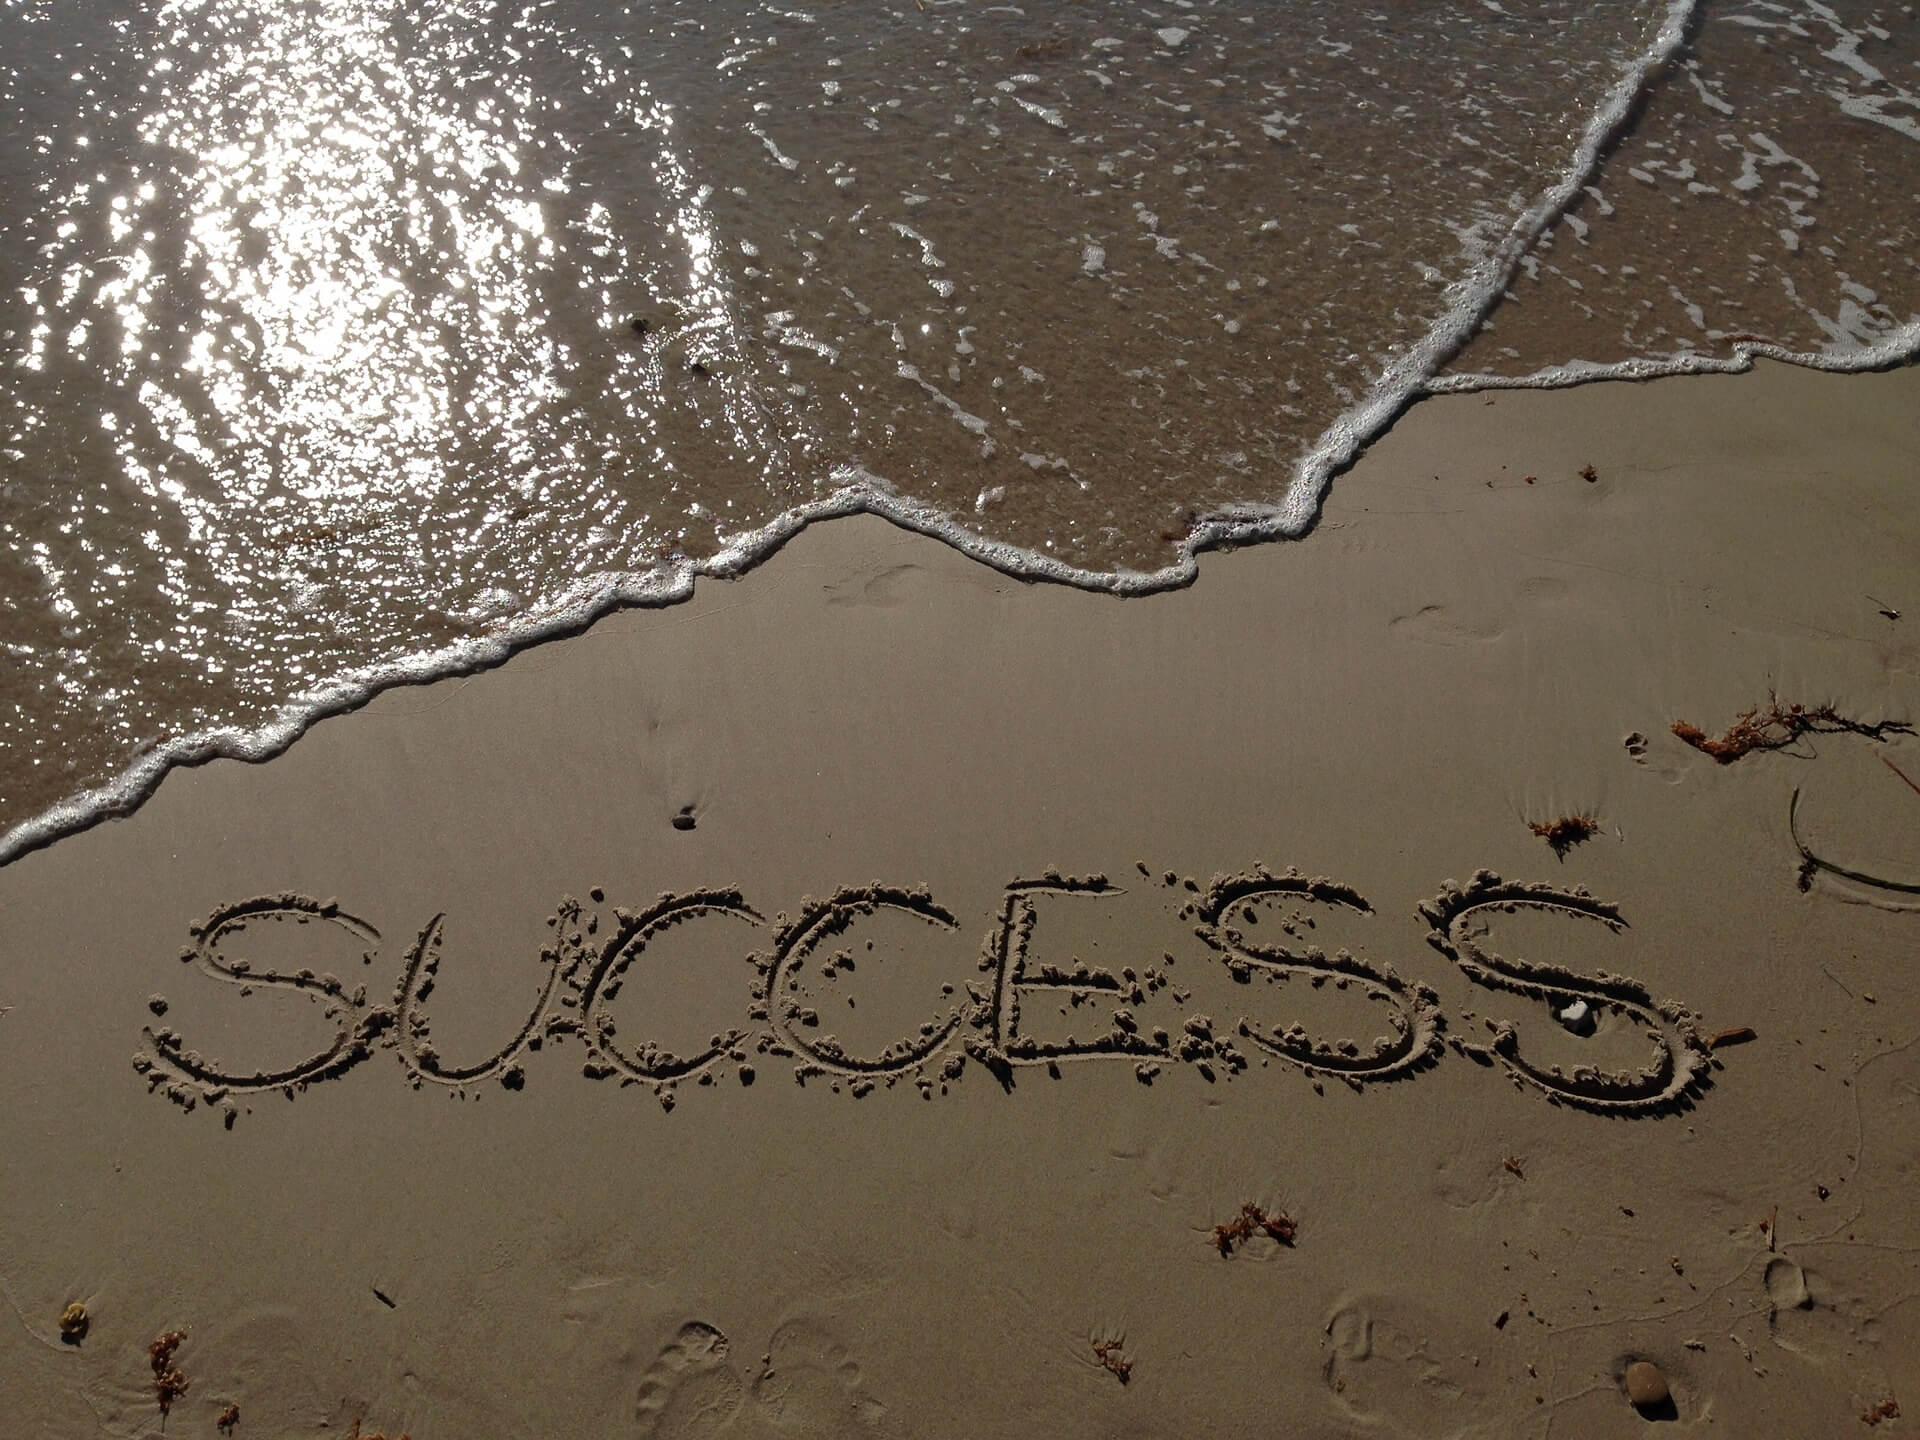 Success written on sand